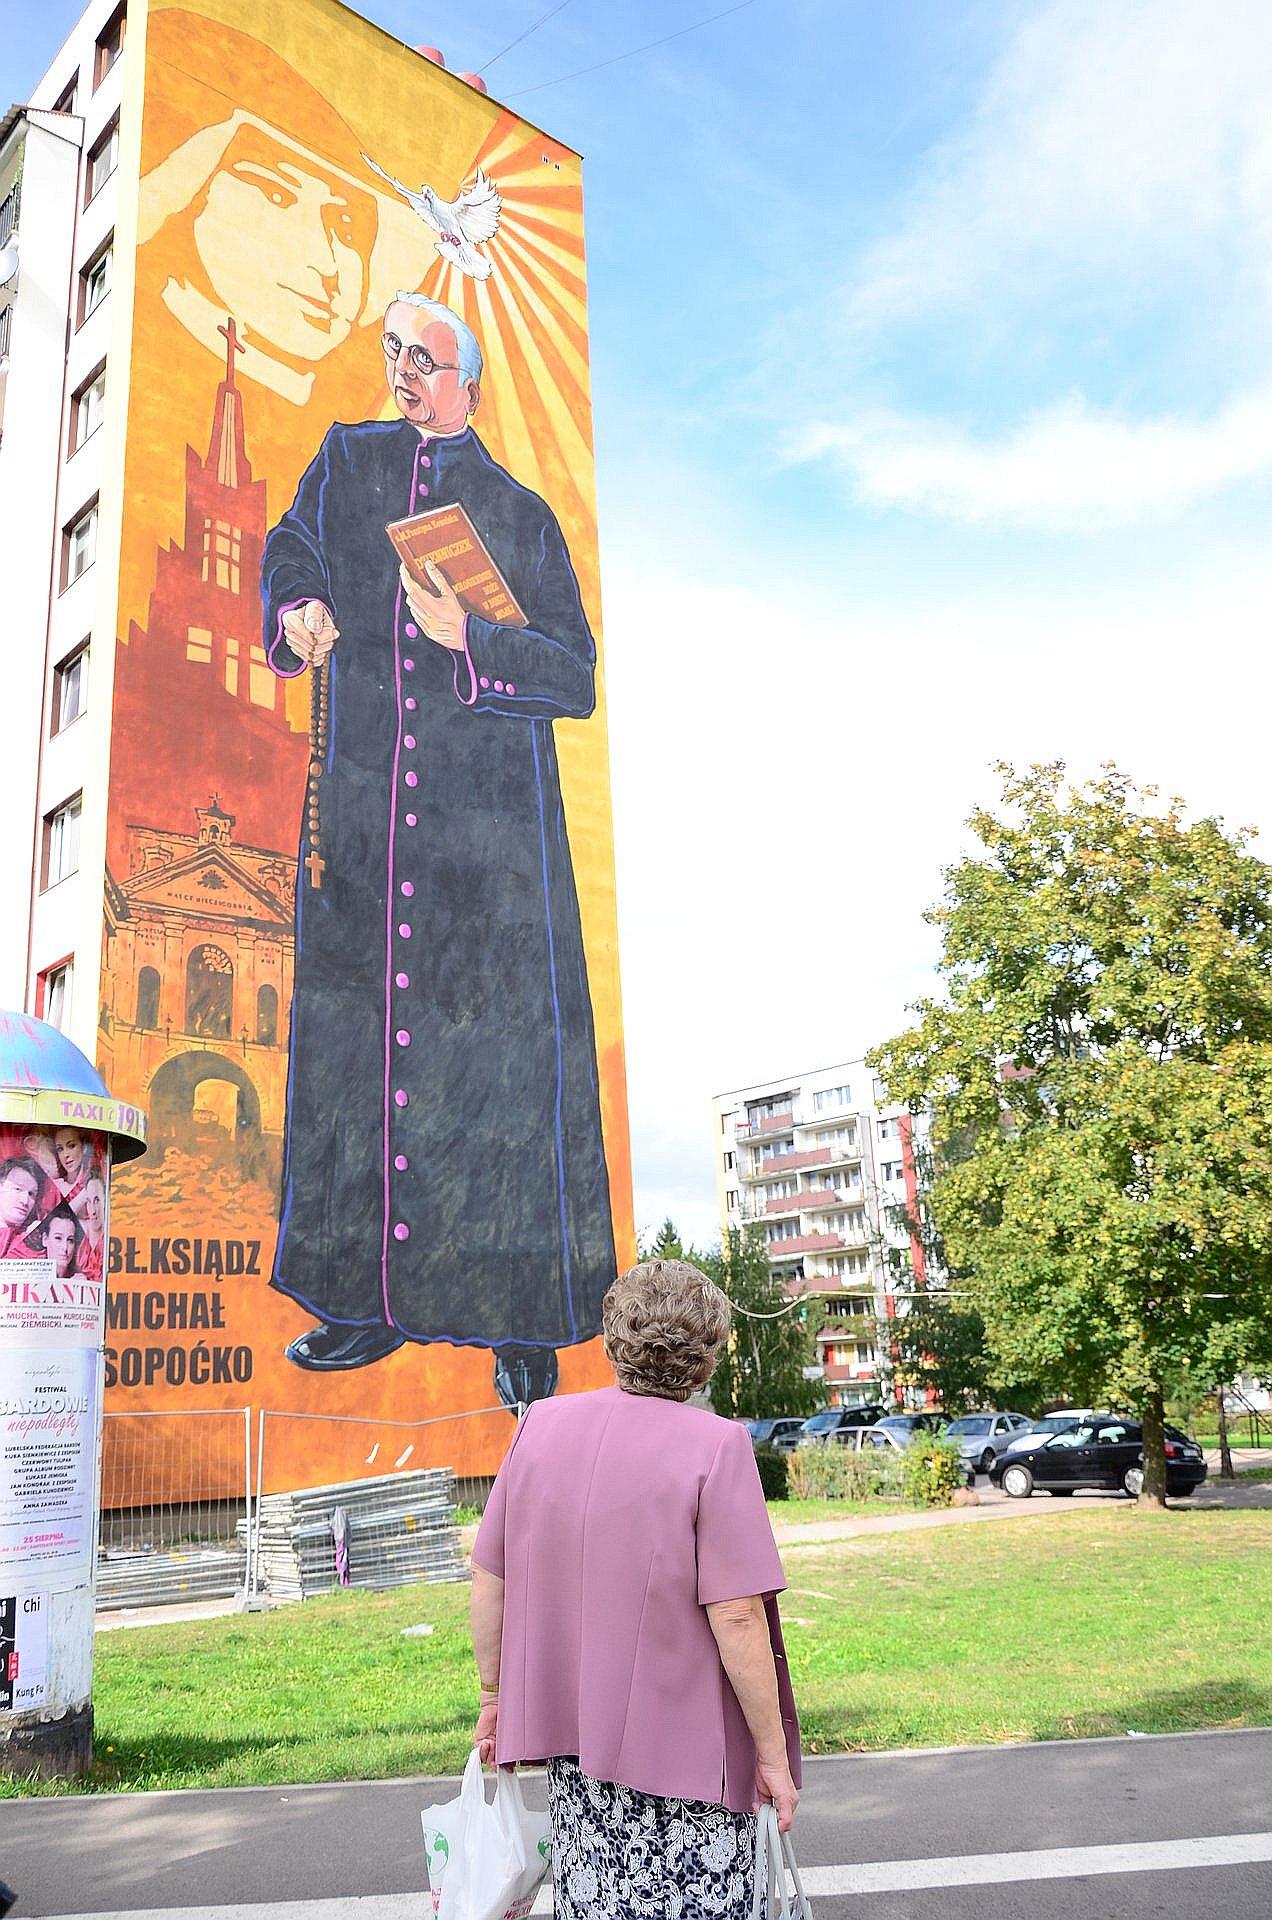 Białystok Radzymińska Białostoczek mural Sopoćko